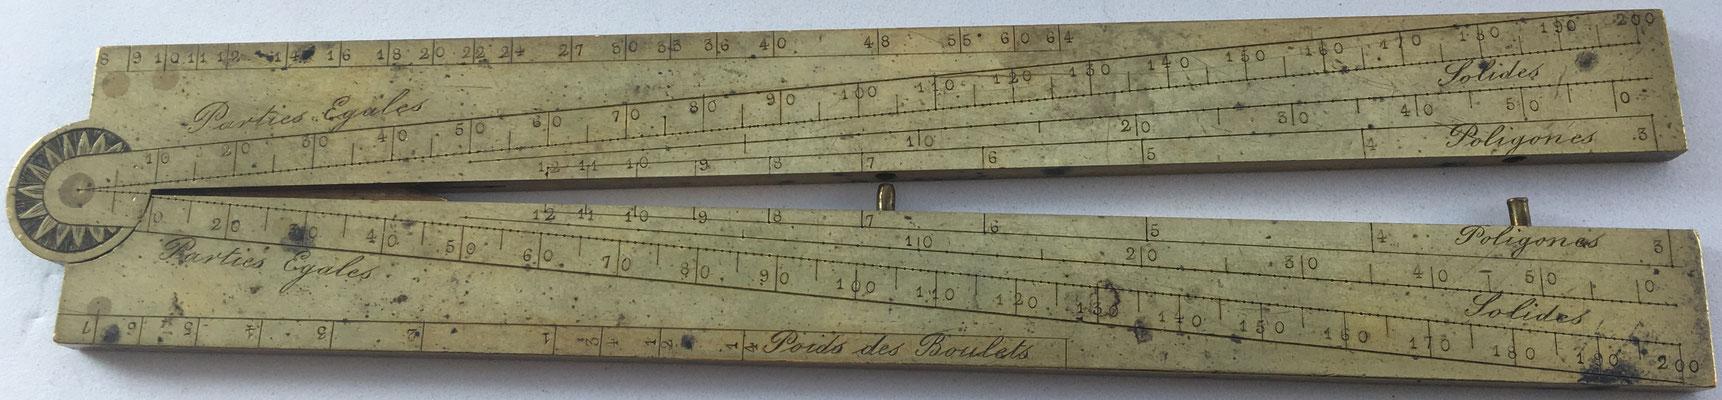 Sector o compás de proporción francés, para cálculos de artillería: línea de partes iguales, polígonos, línea de cuerdas, metales, pesos de tiro y calibre de pistola, siglo XIX, 16x3 cm